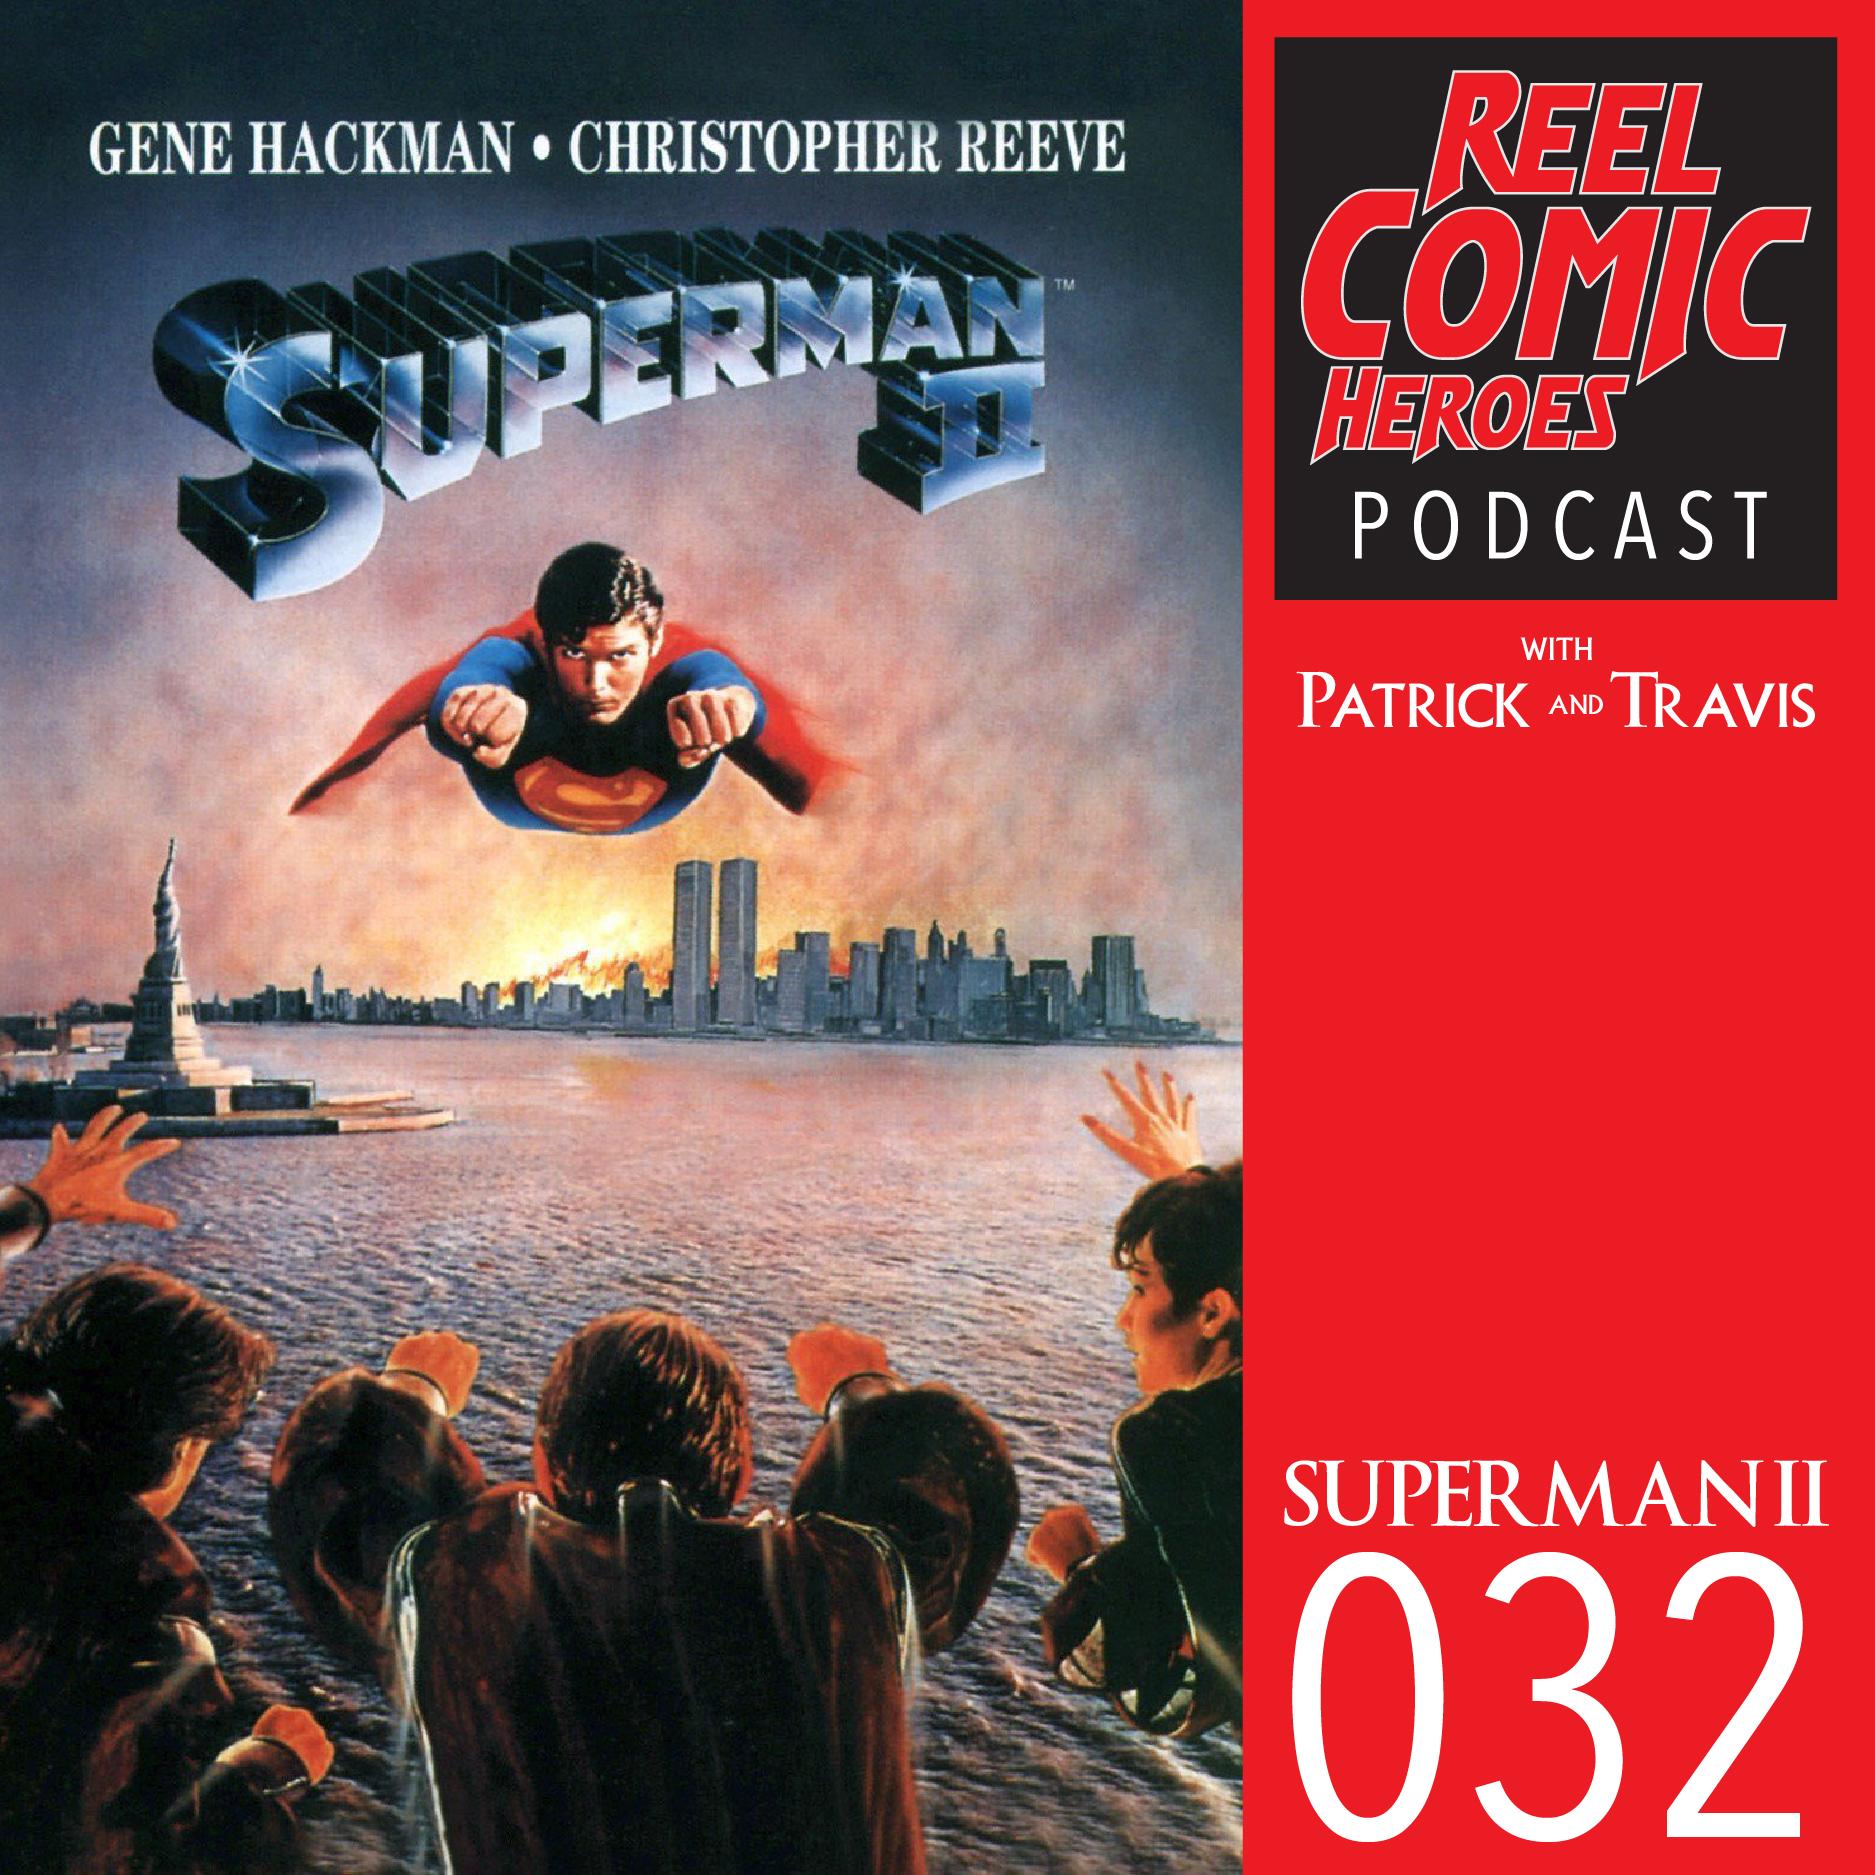 Artwork for Reel Comic Heroes 032 - Superman II